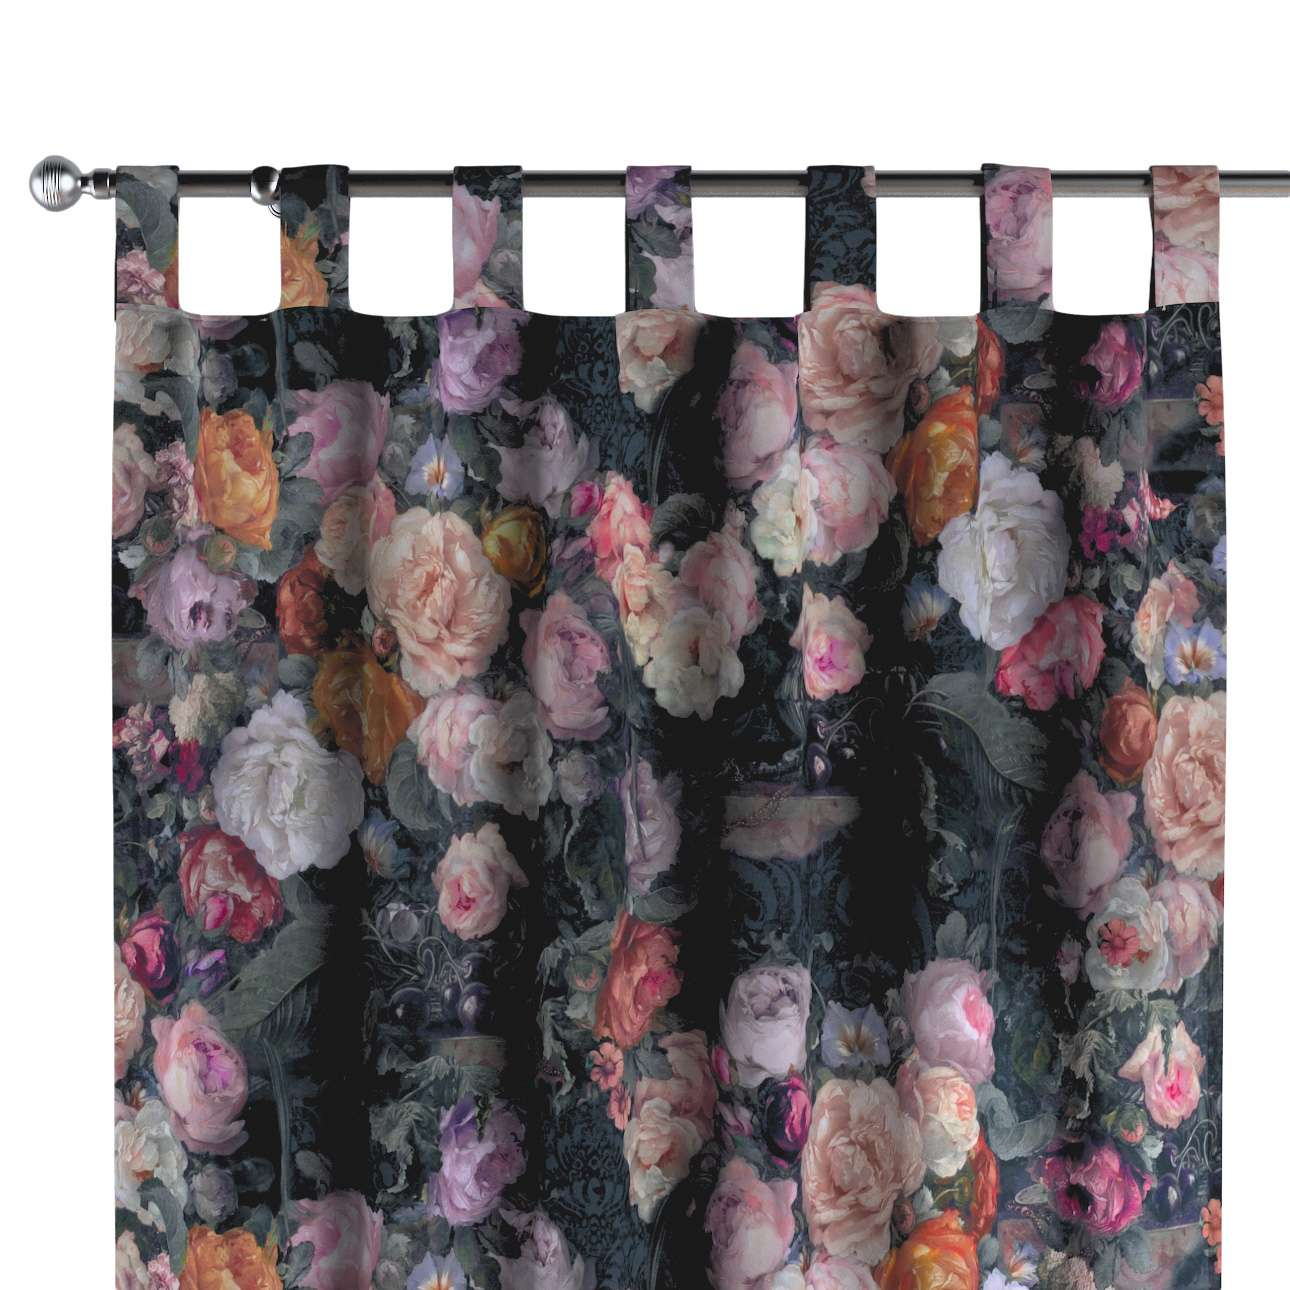 Zasłona na szelkach 1 szt. w kolekcji Gardenia, tkanina: 161-02